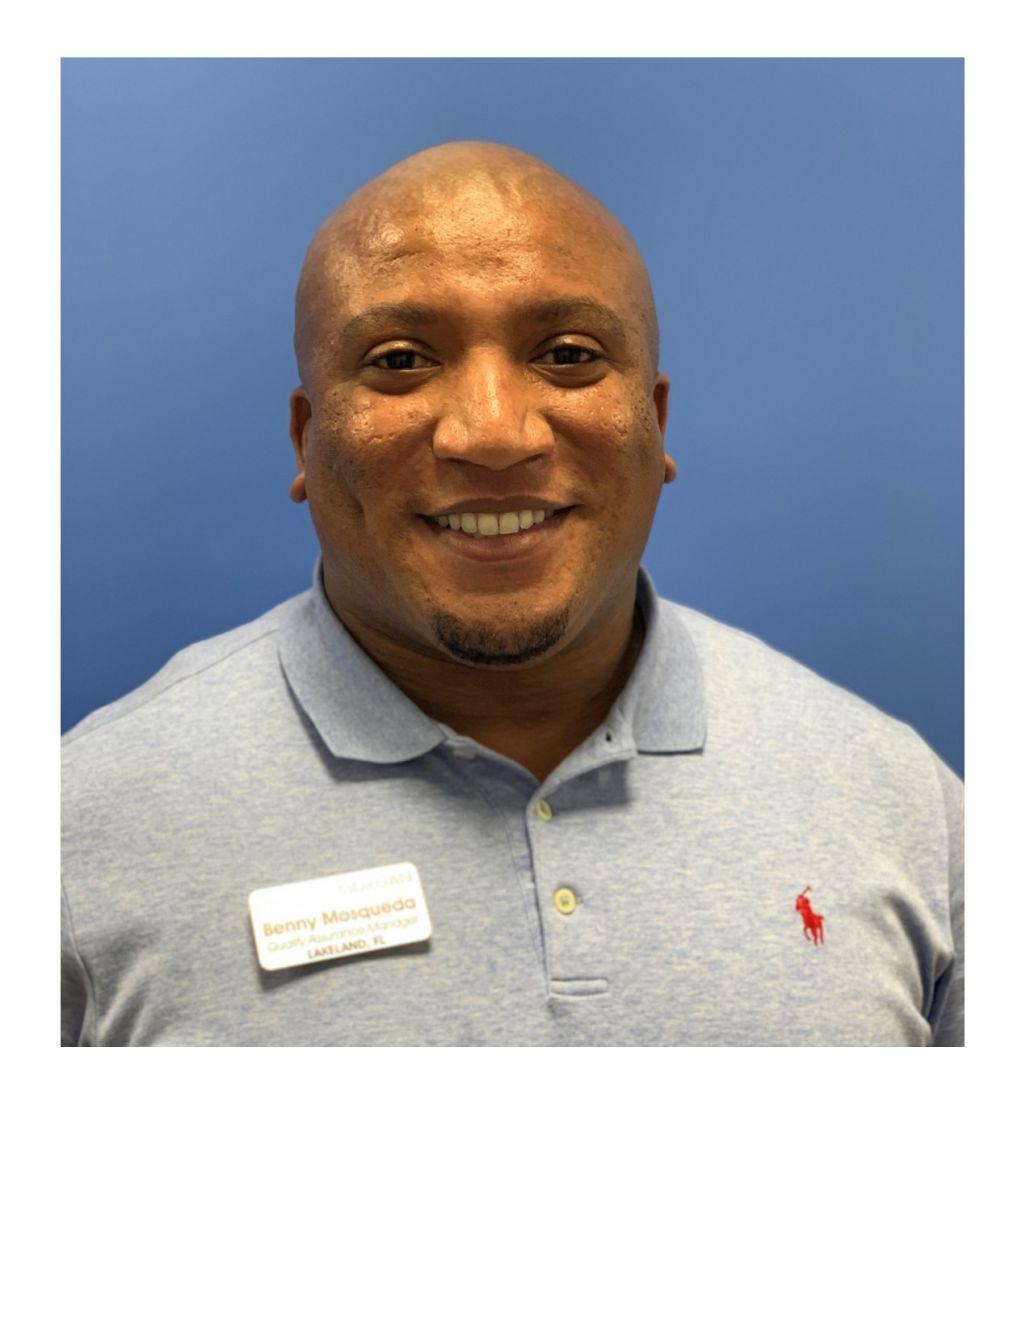 Benito Mosqueda, Quality Assurance Manager, Brandon Honda, Brandon, FL